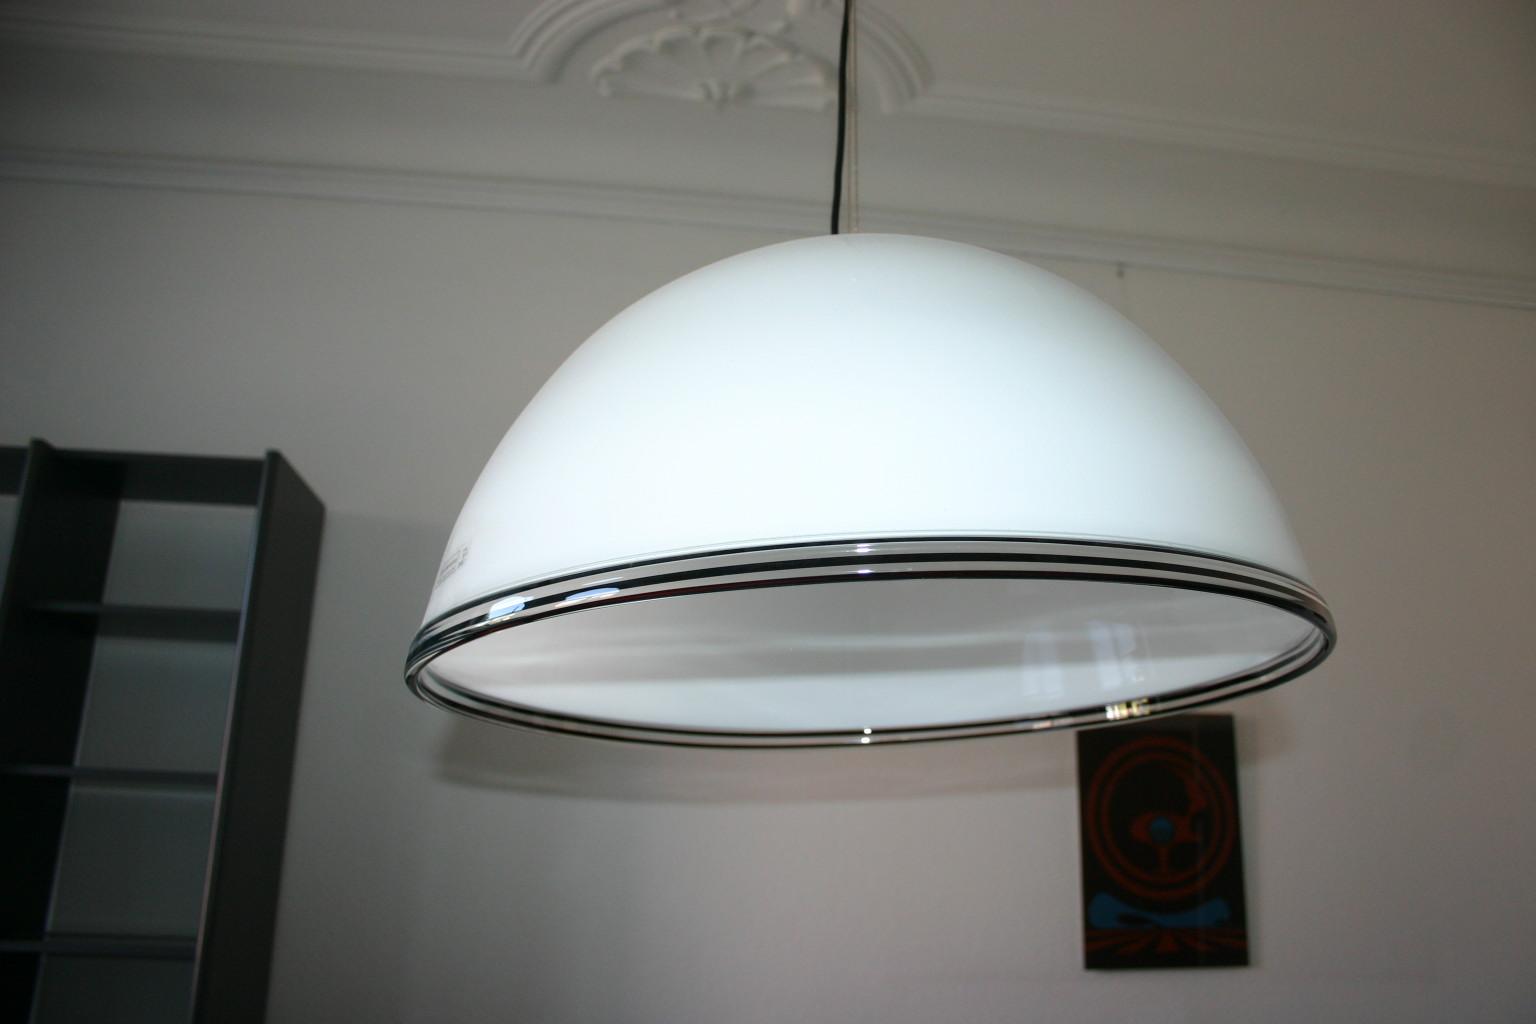 deckenlampe aus murano glas von effetre deckenlampen. Black Bedroom Furniture Sets. Home Design Ideas